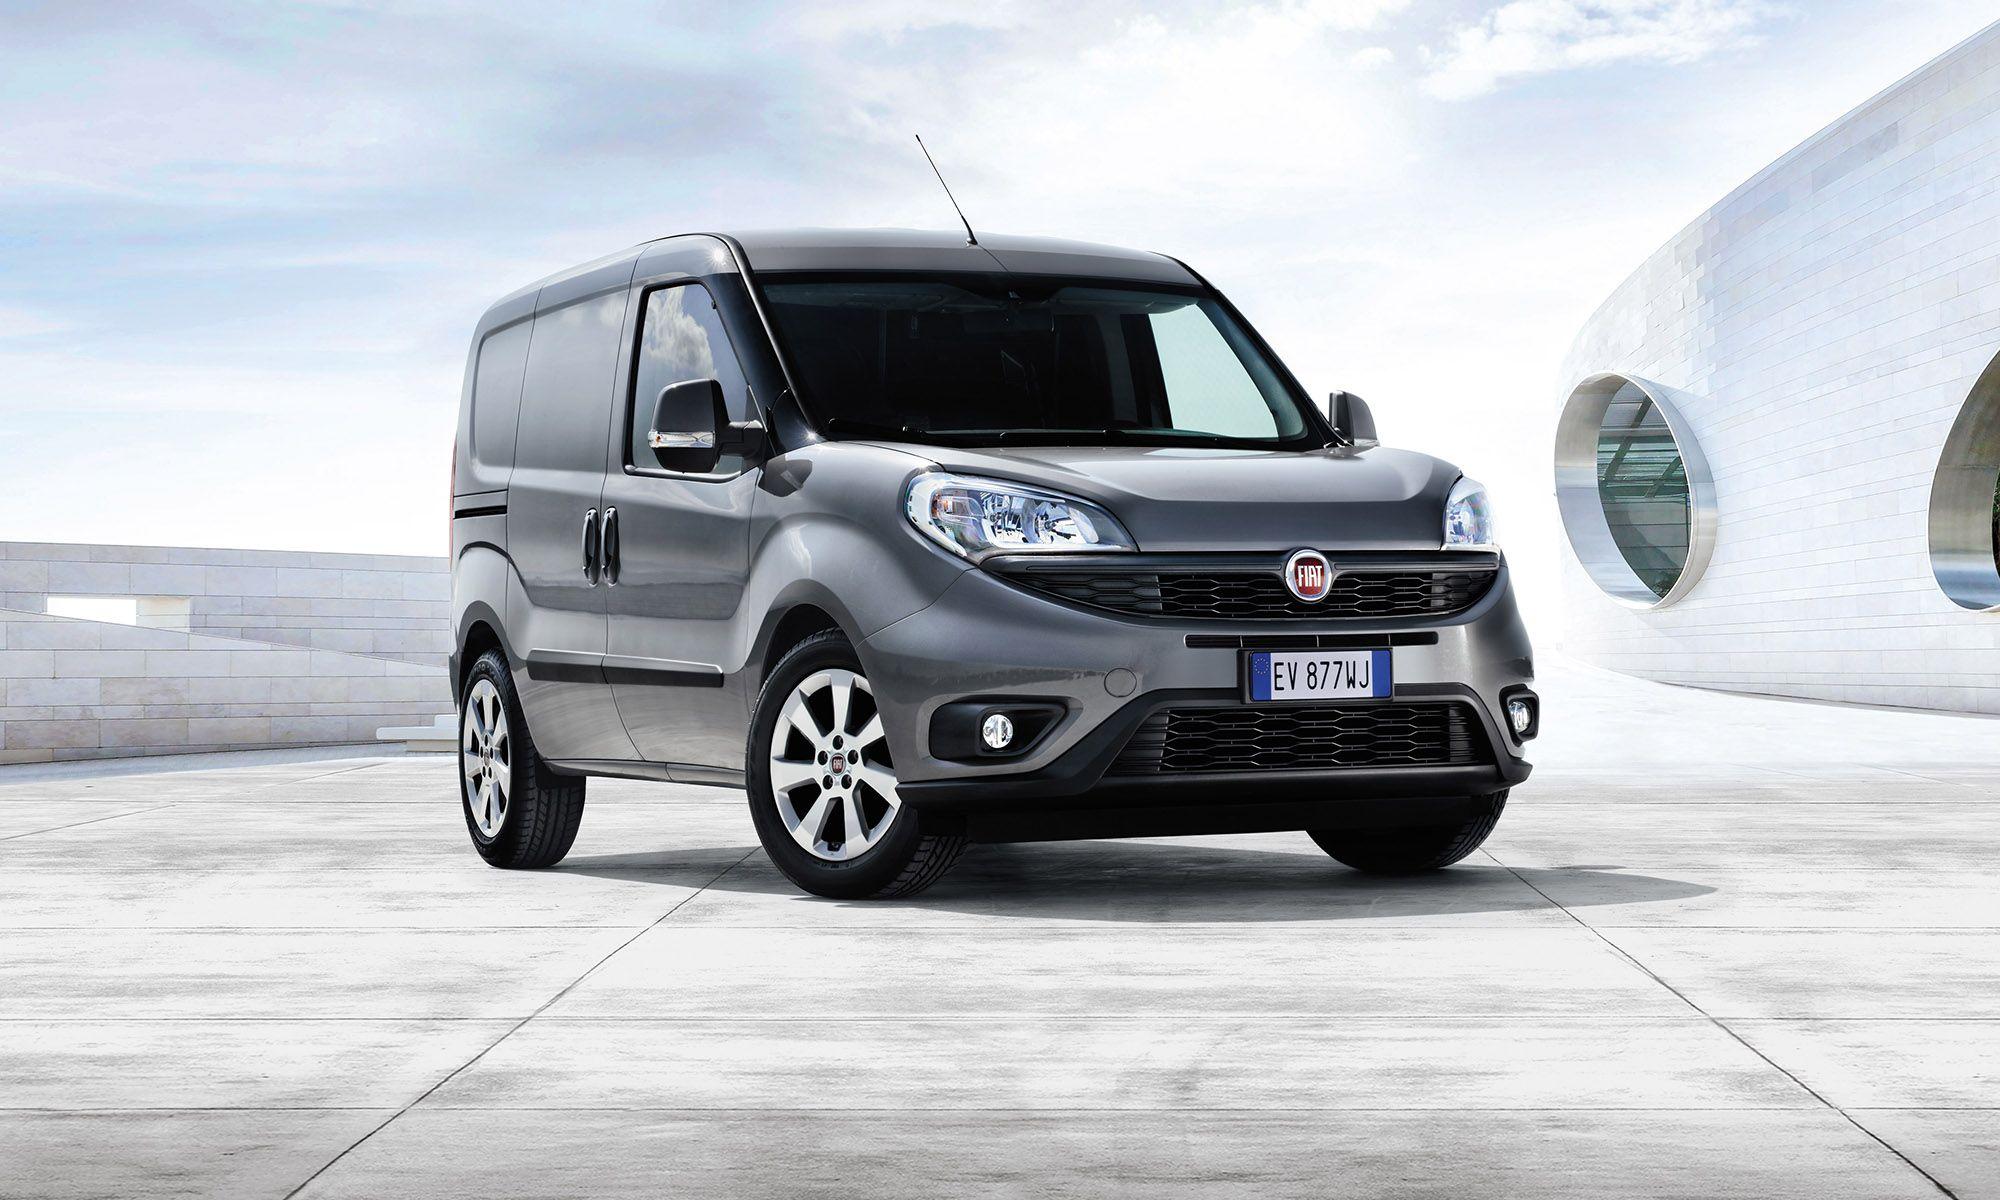 Fiat Doblo Facelift Debuts In Hanover Fiat Doblo Fiat Fiat Cars